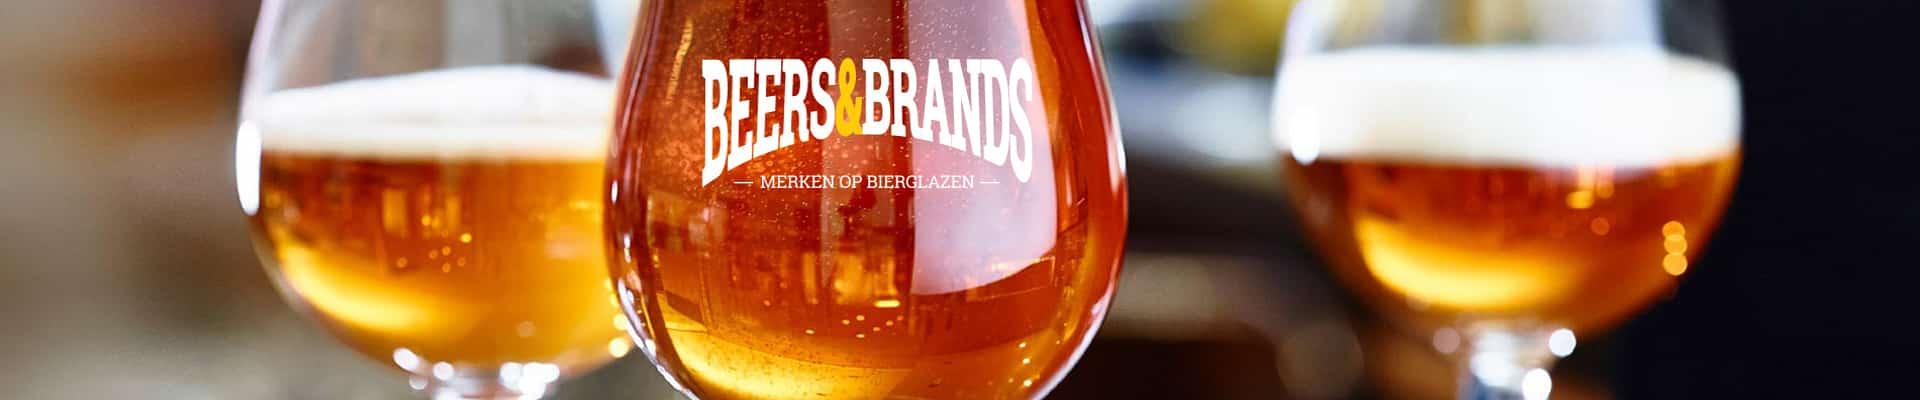 Bierglazen bestellen doet u bij Beers&Brands